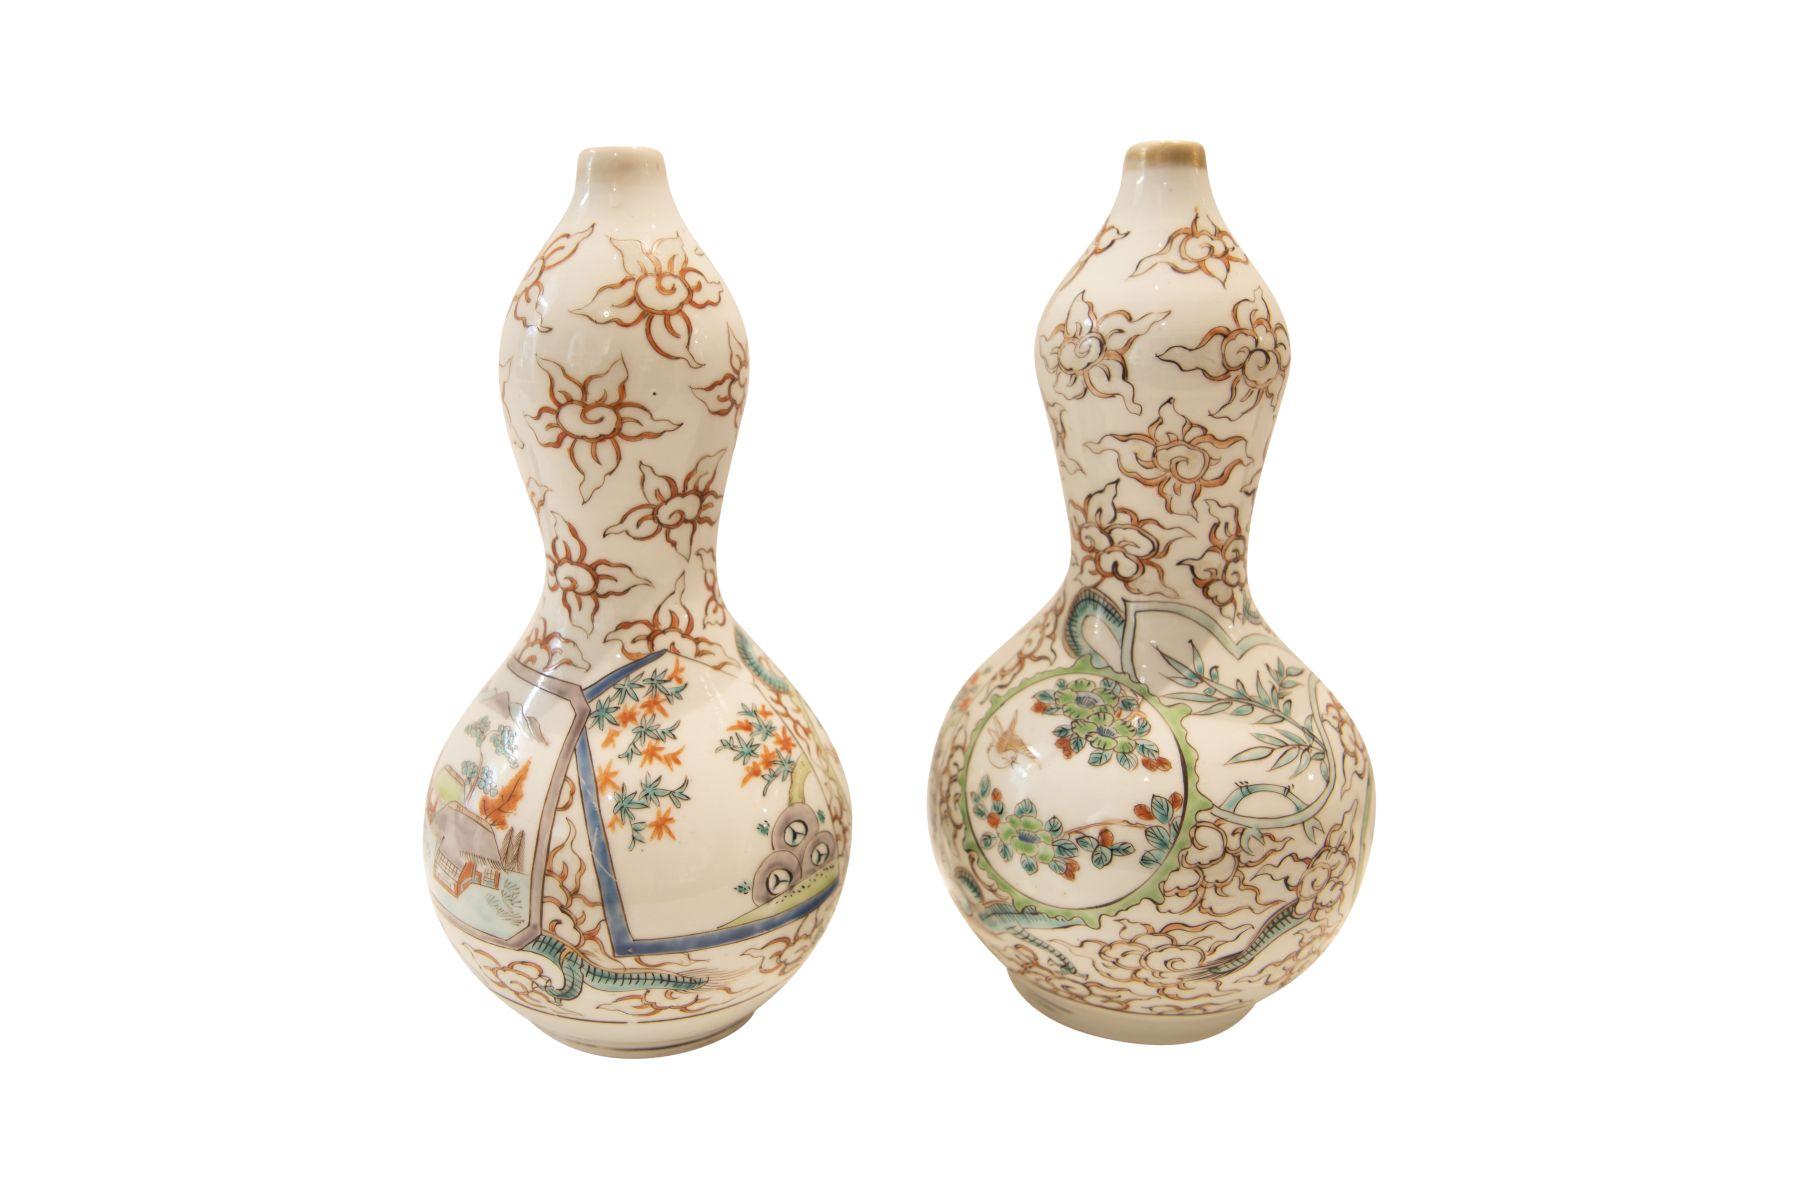 #270 2 Asian vases | 2 Asiatische Vasen Image